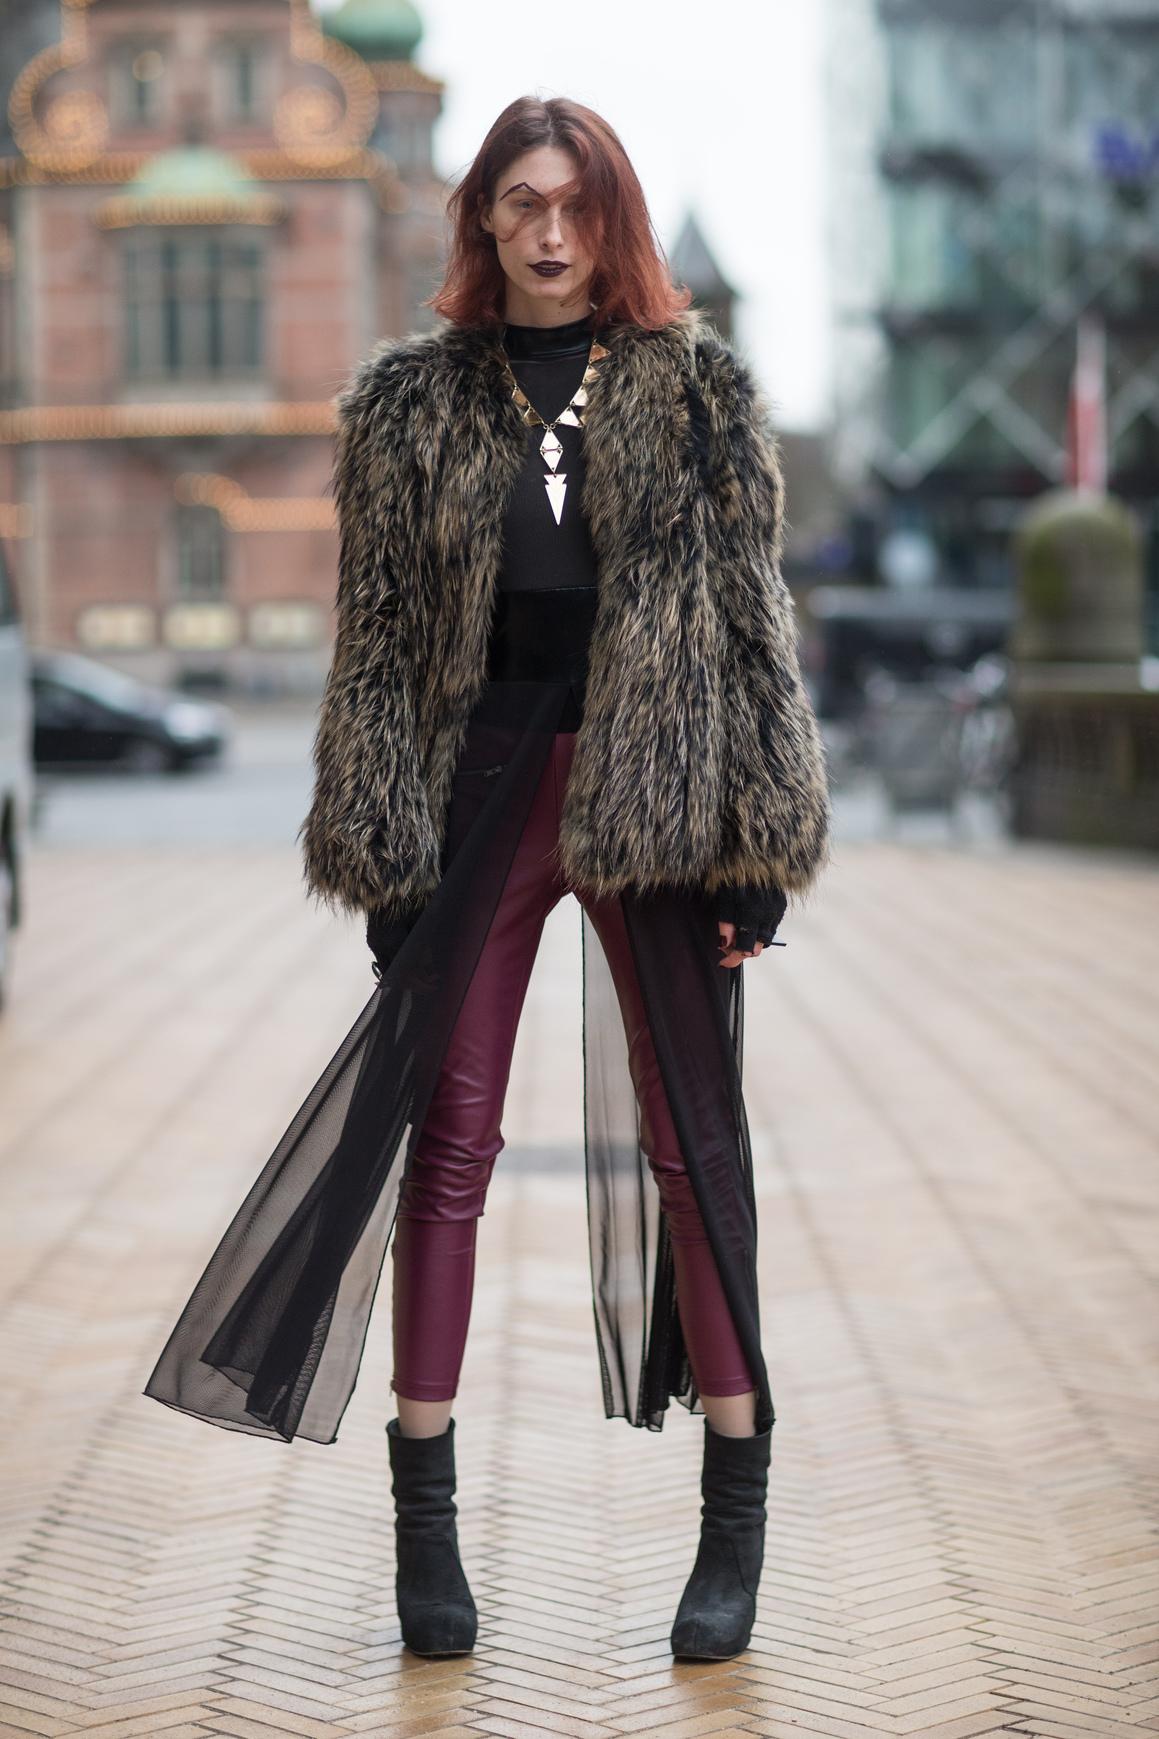 Skórzane spodnie pasują do warstwowych stylizacji